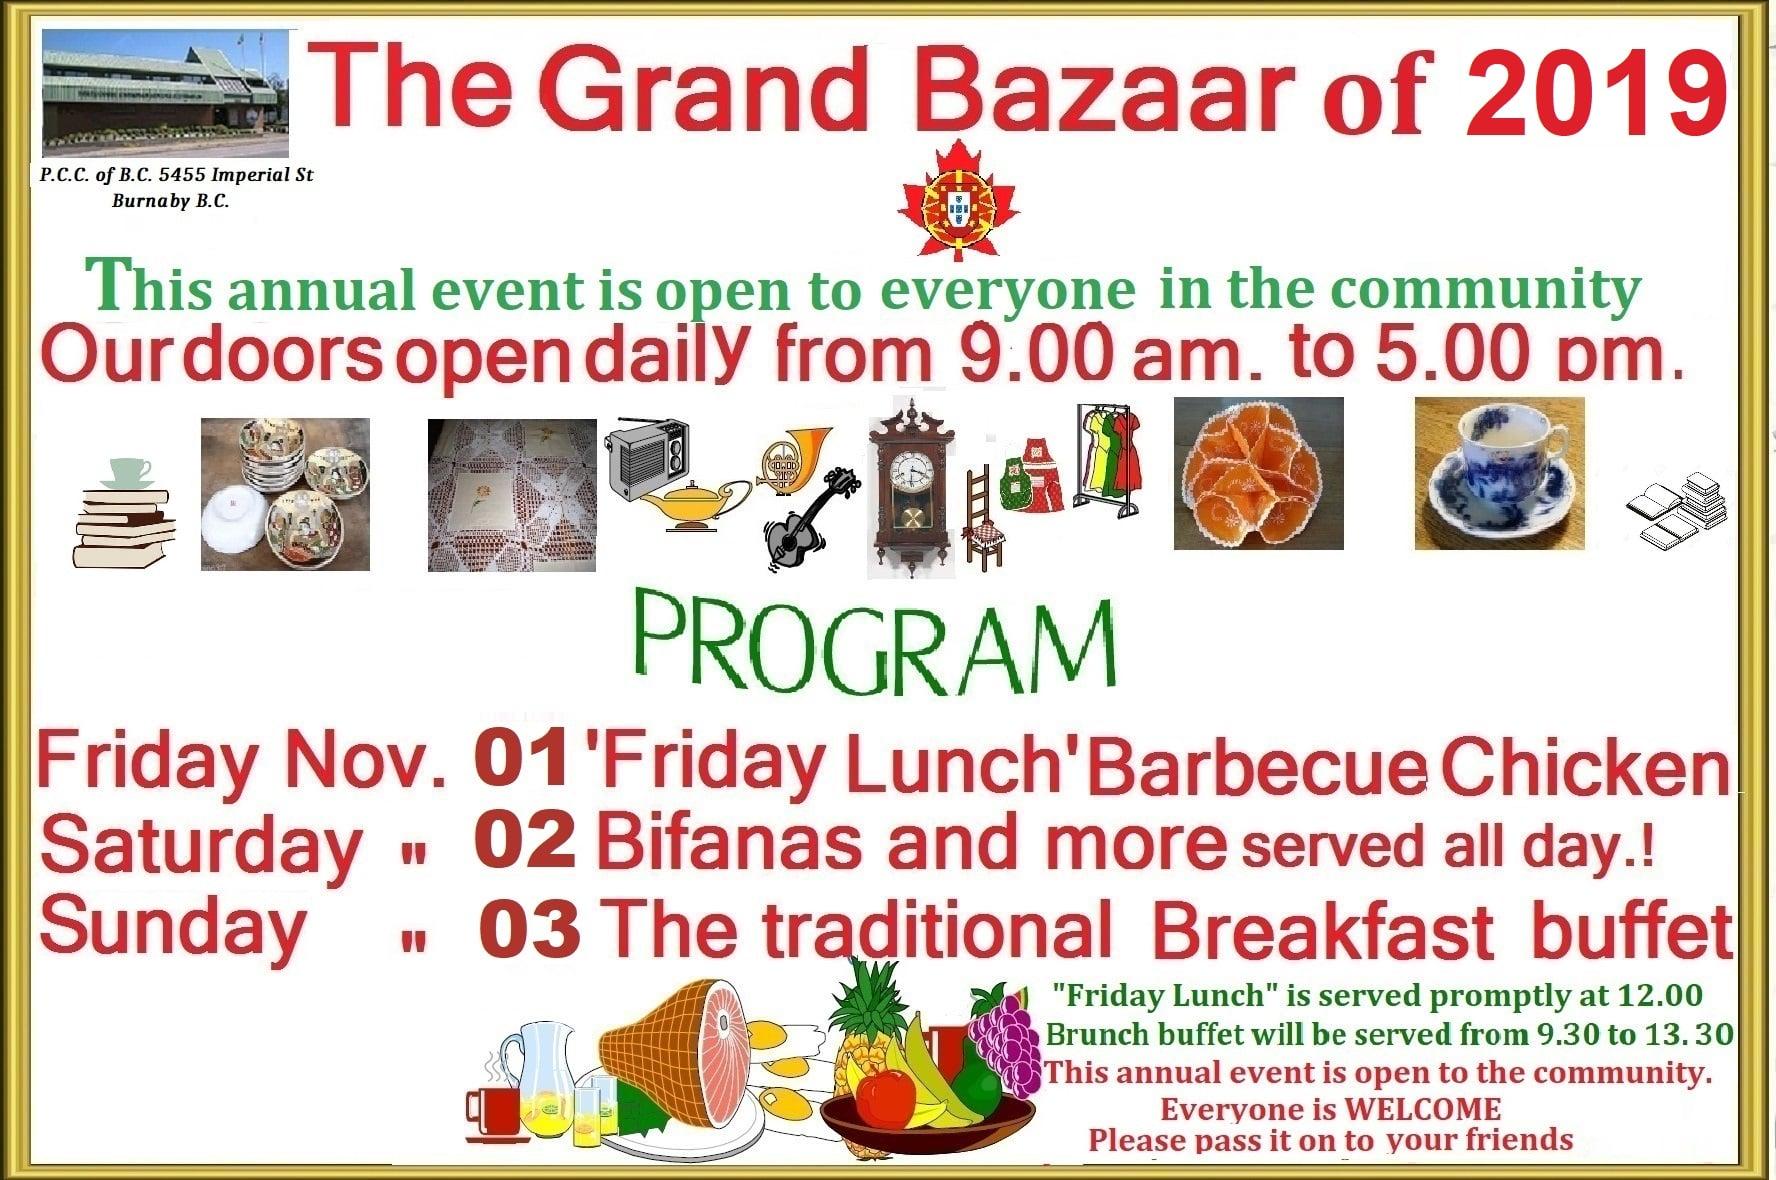 The Grand Bazaar of 2019